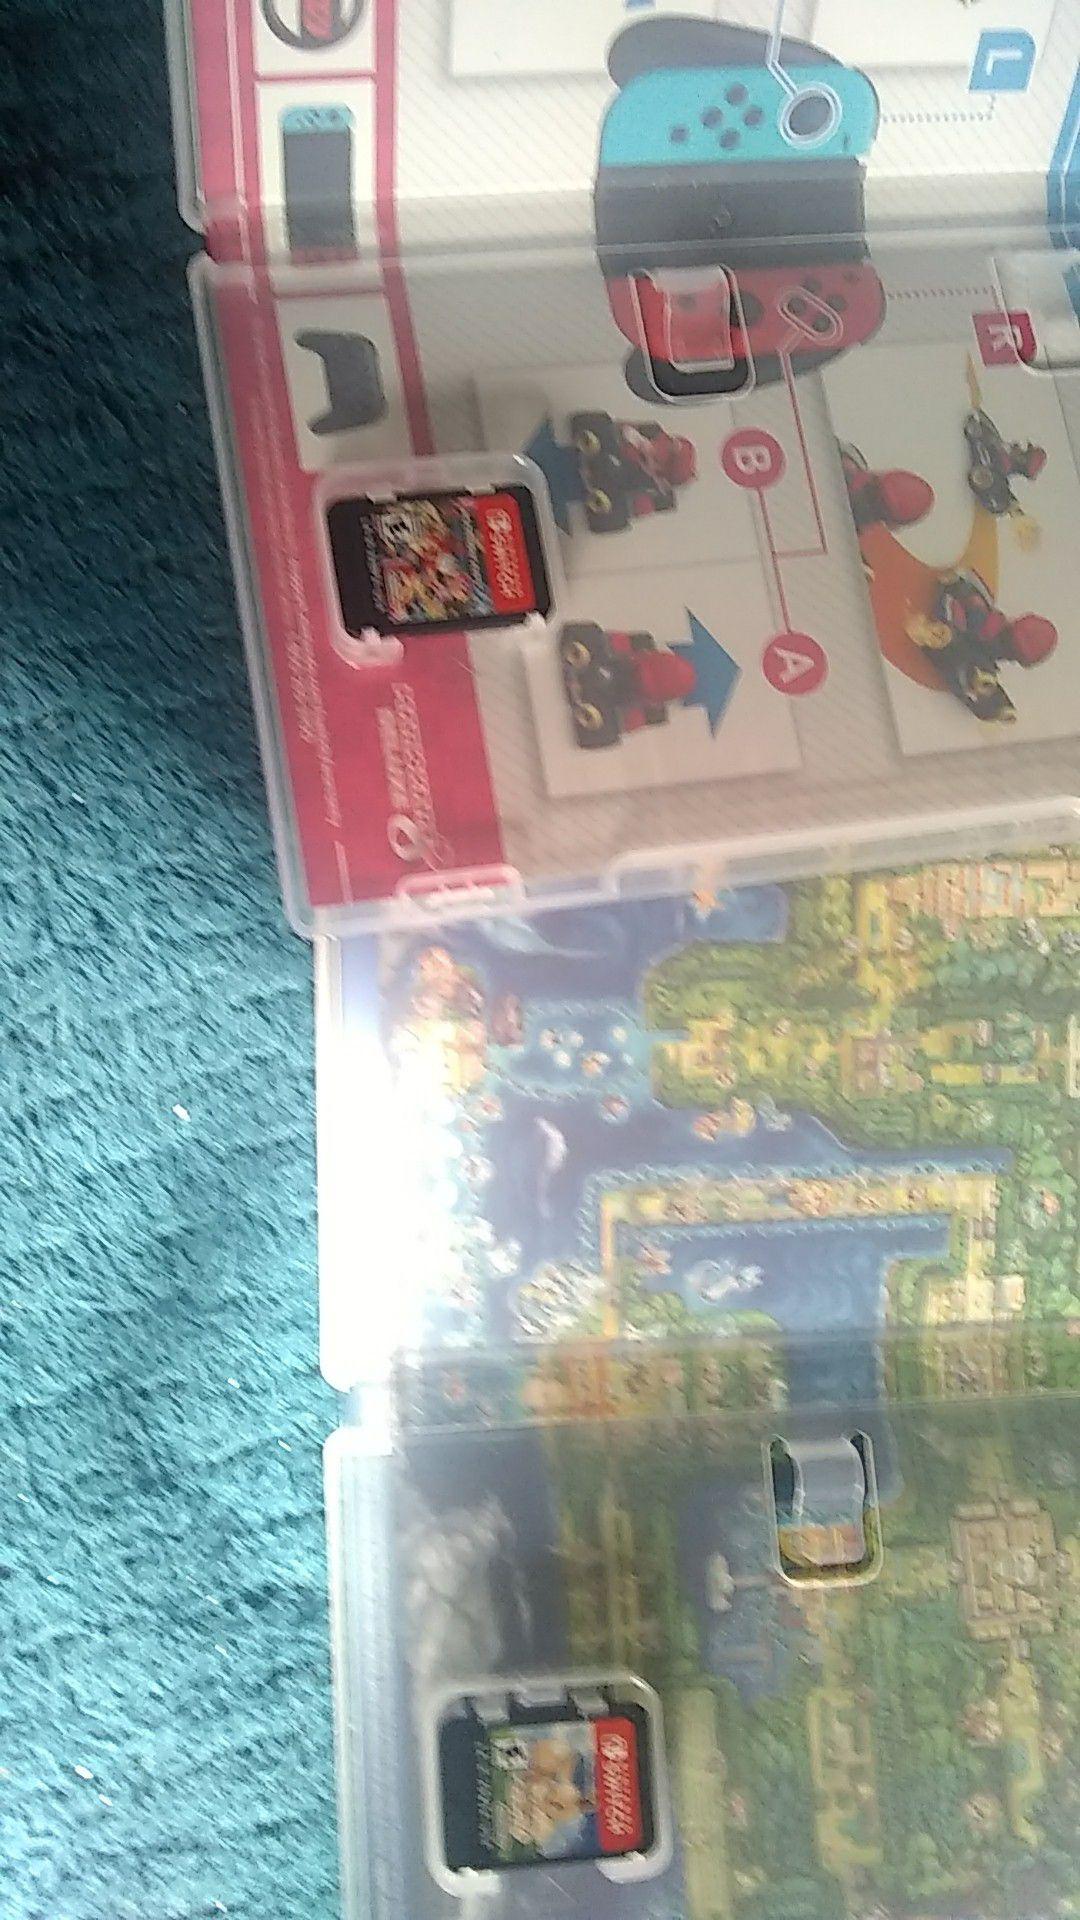 Mario kart 8 and Pokemon eevee